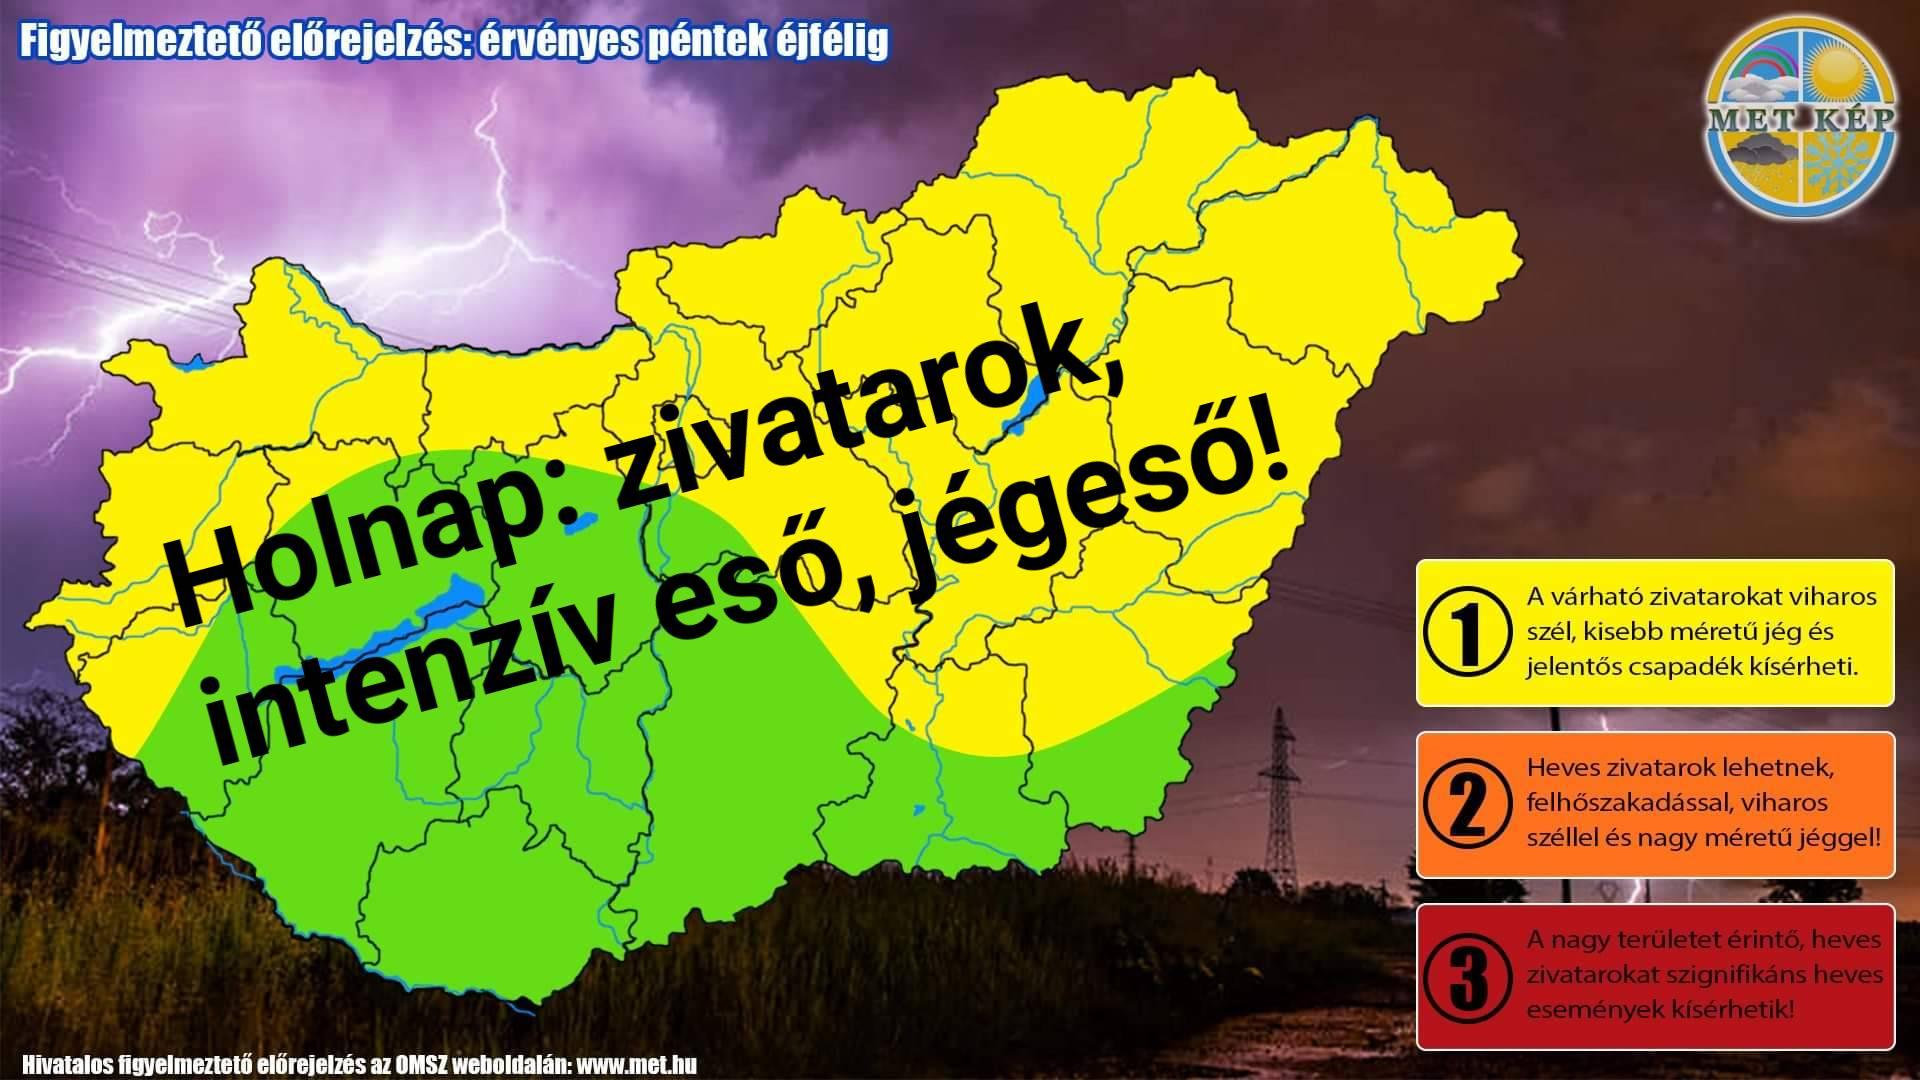 Figyelmeztetés: zivatarok, felhőszakadásszerű eső, jégeső! 10